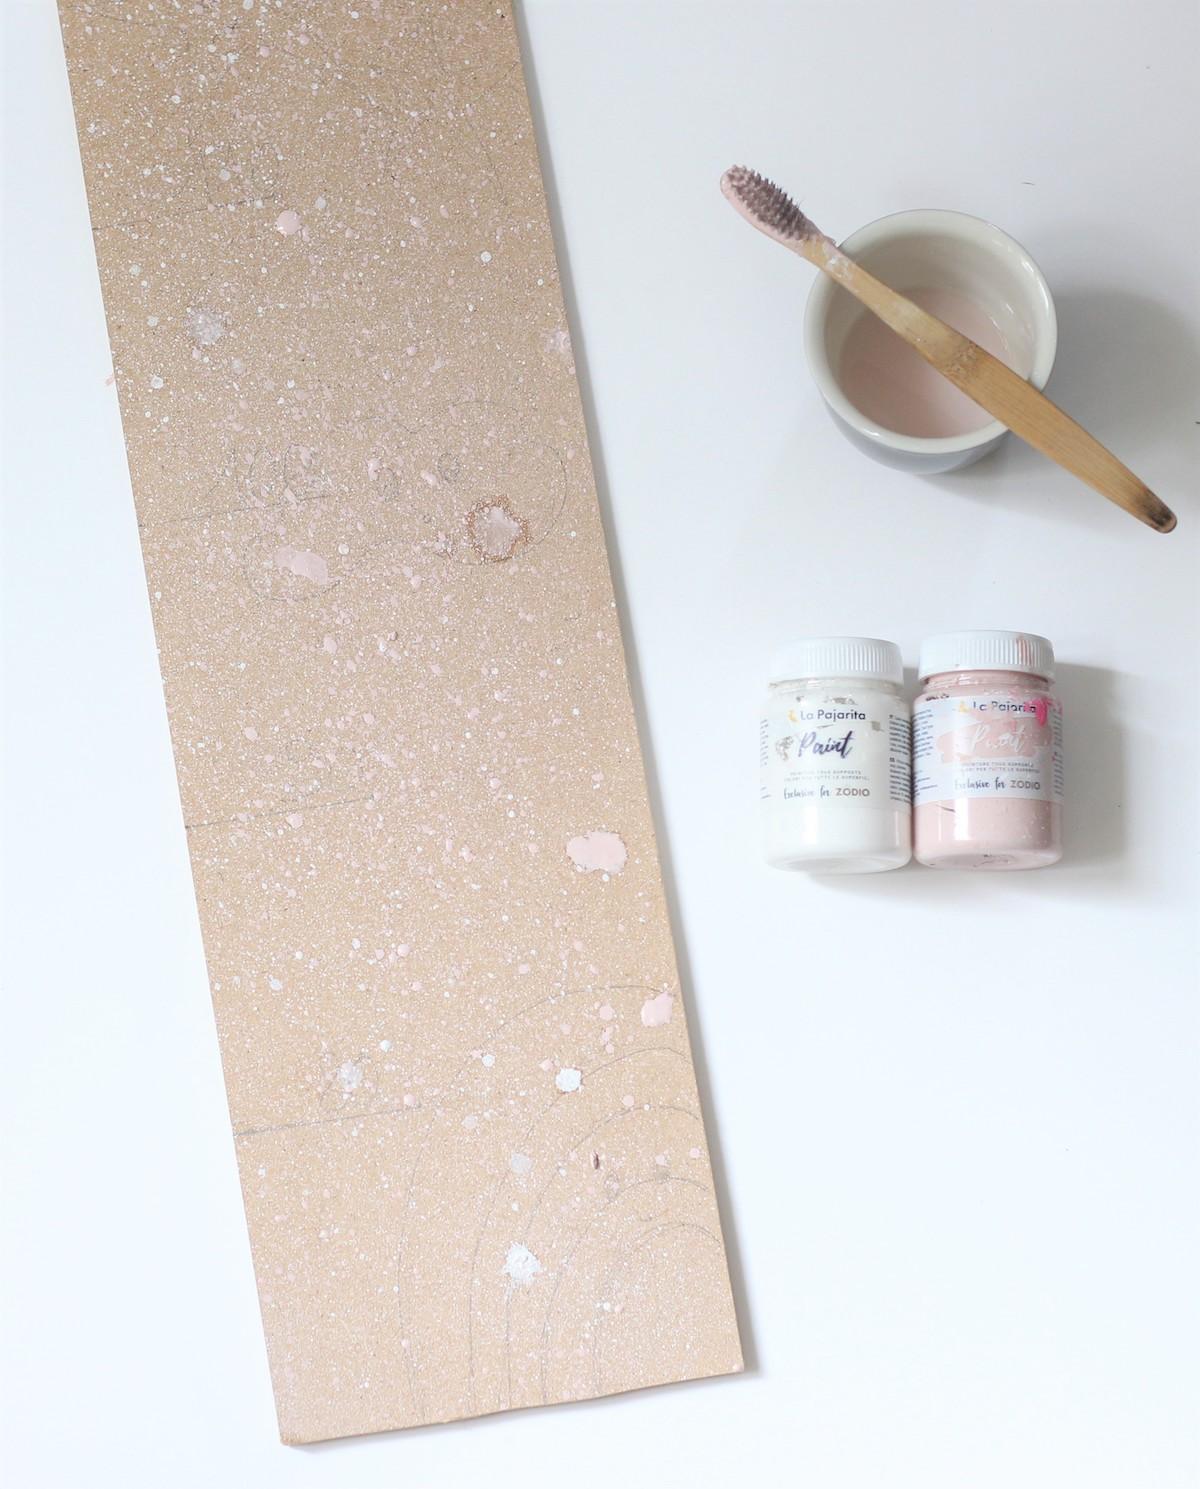 comment peindre confetti brosse à dent idée enfant gouache